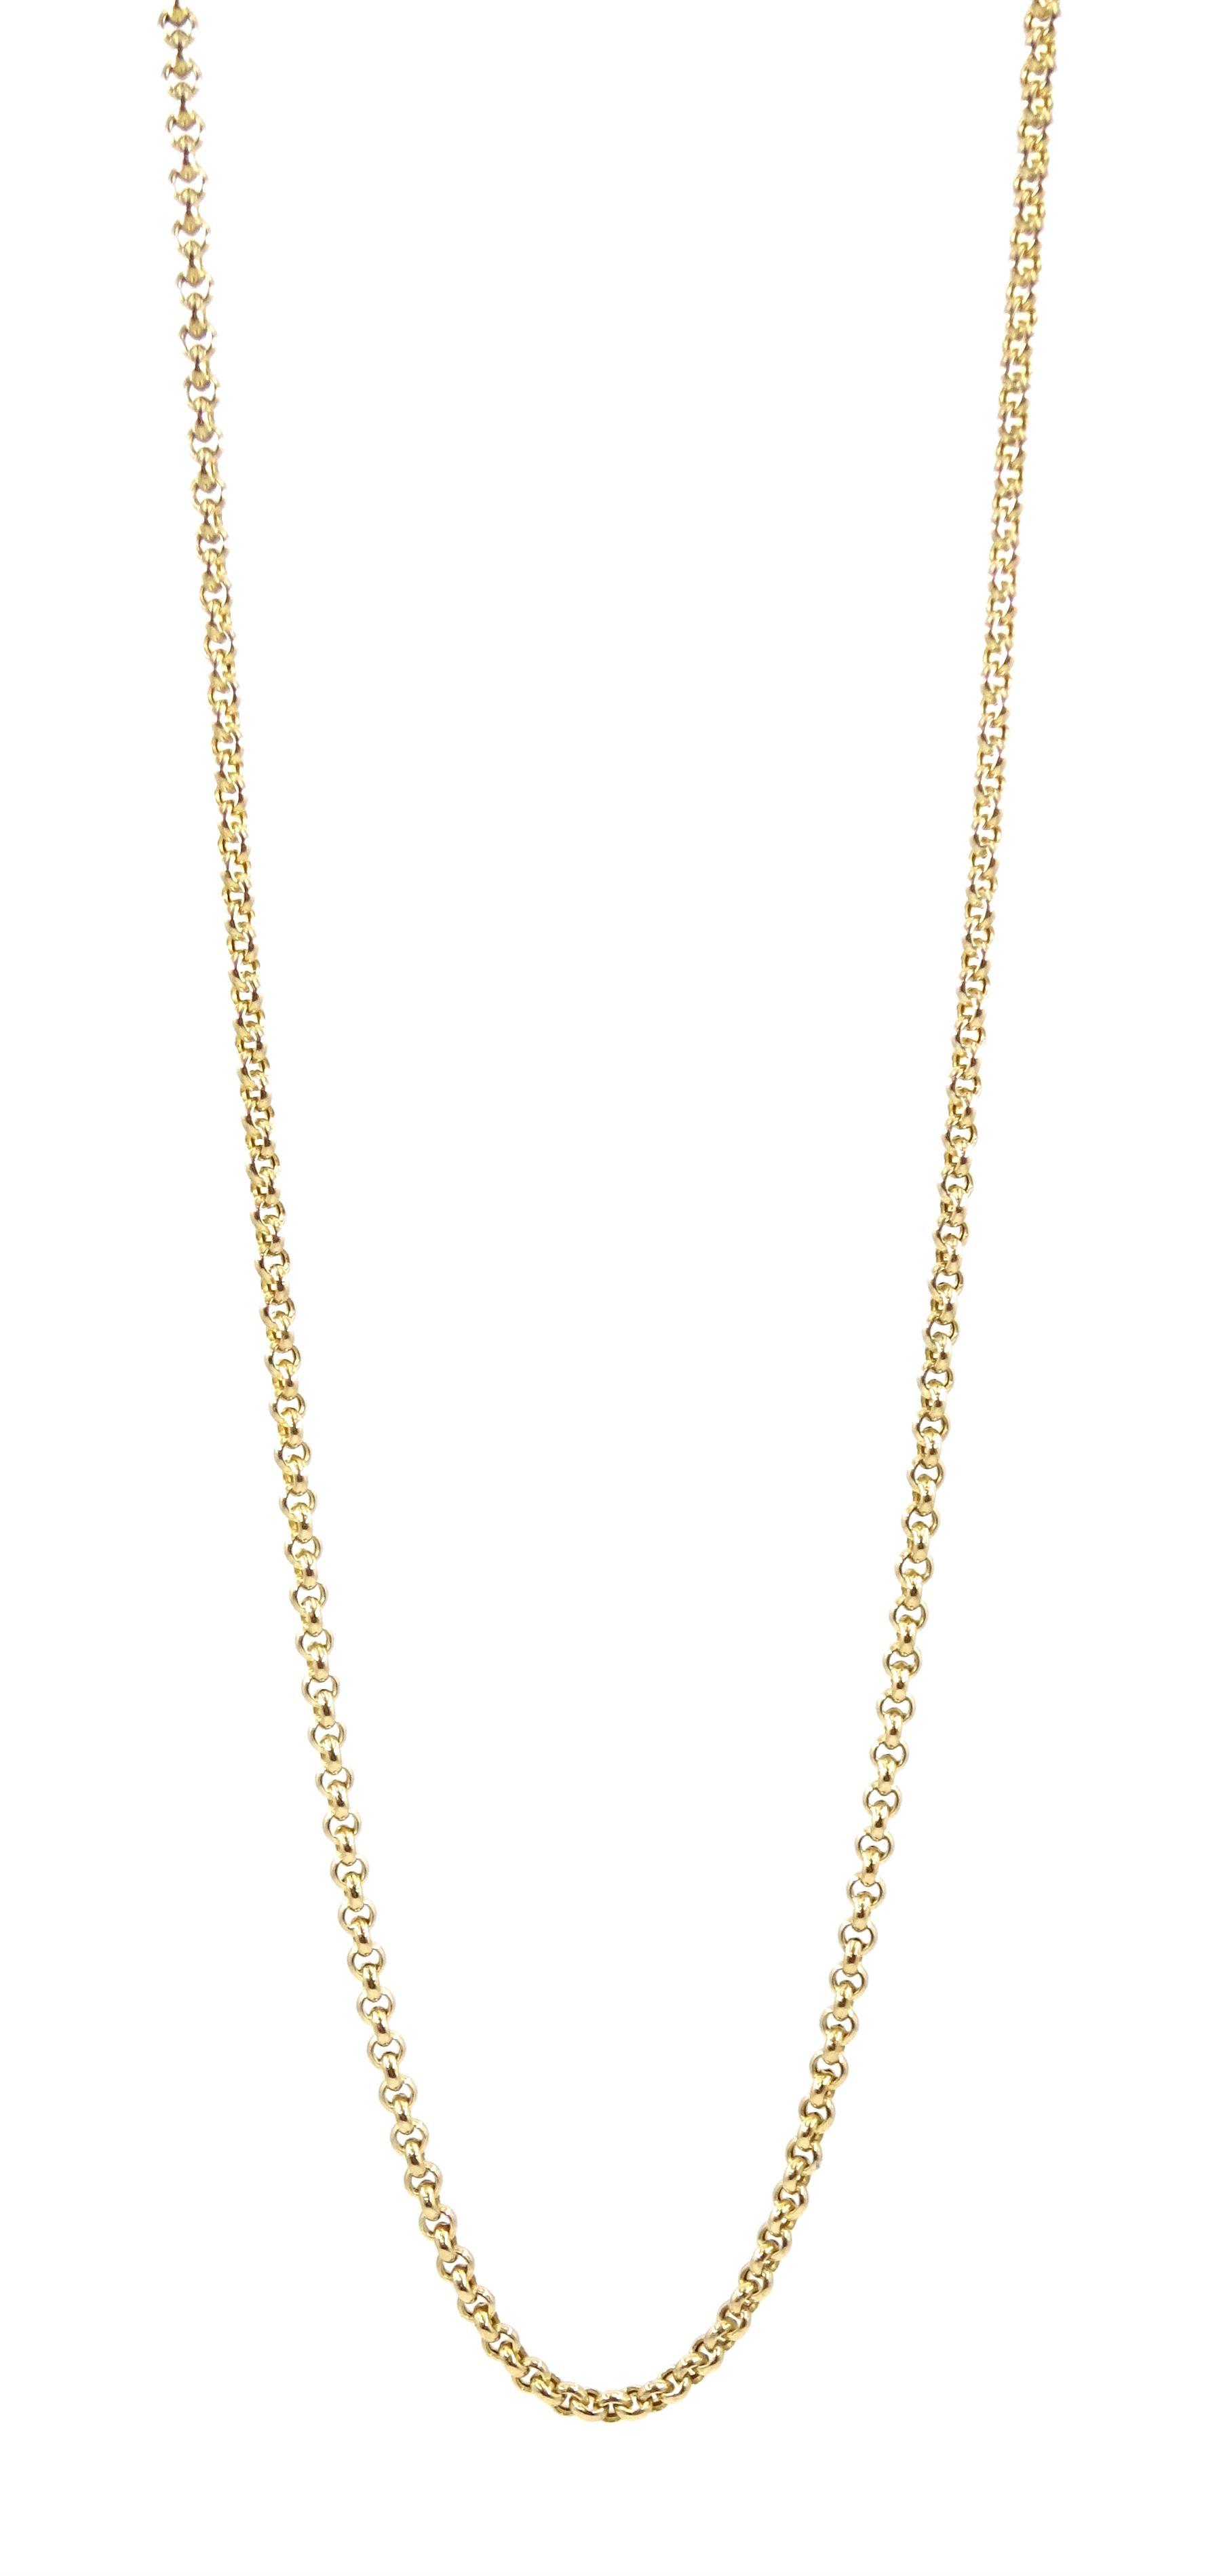 9ct gold belcher link necklace